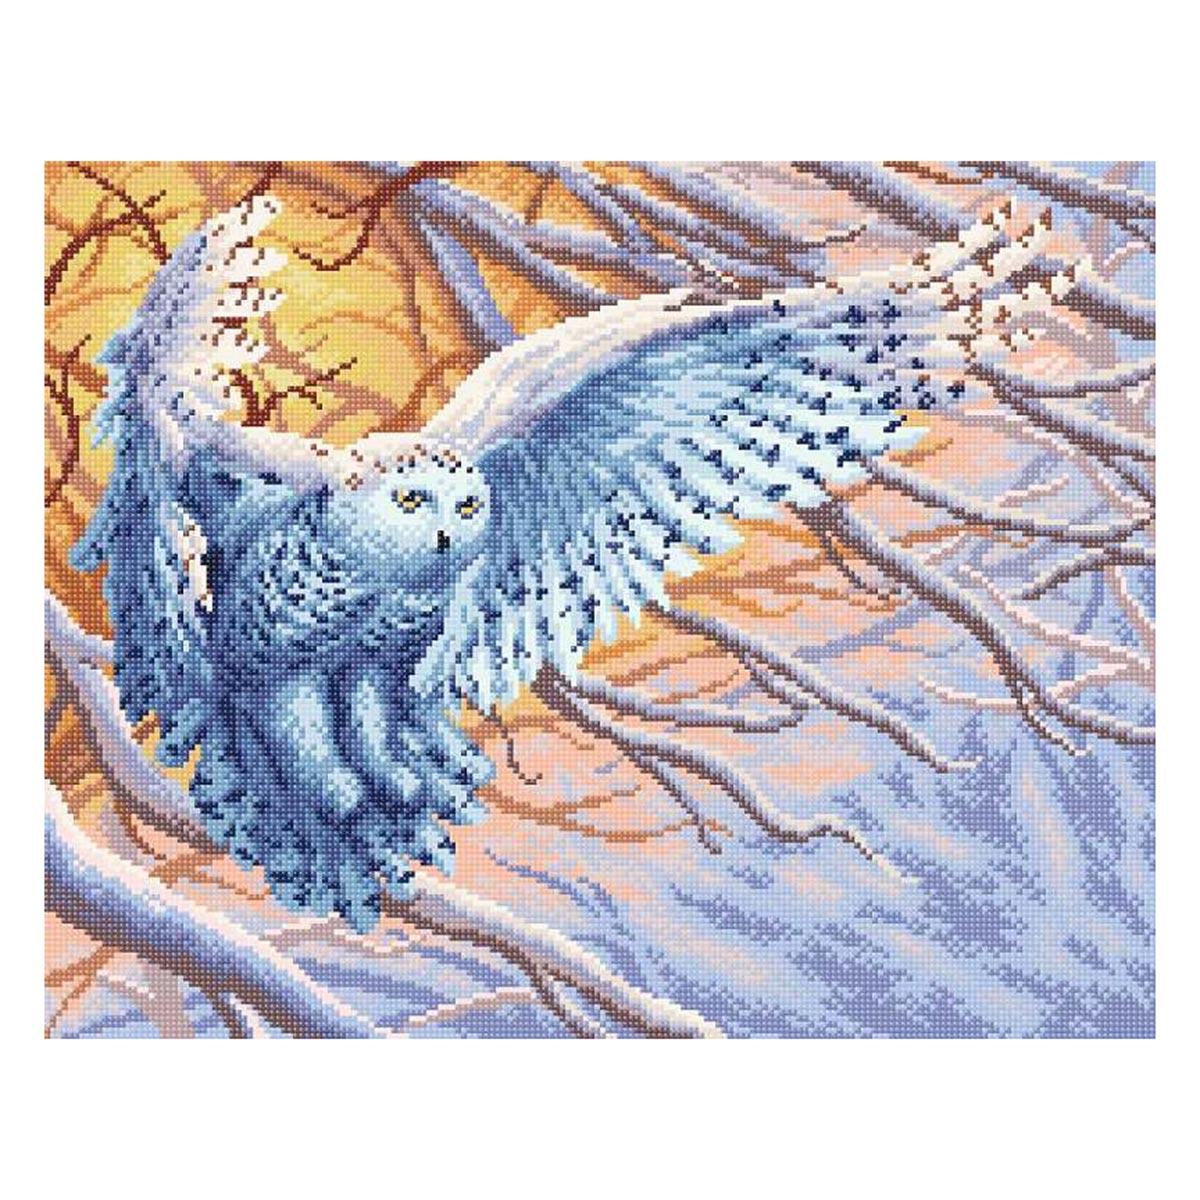 МС-072 Алмазная мозаика 'Полярная сова' 48*38 см Brilliart